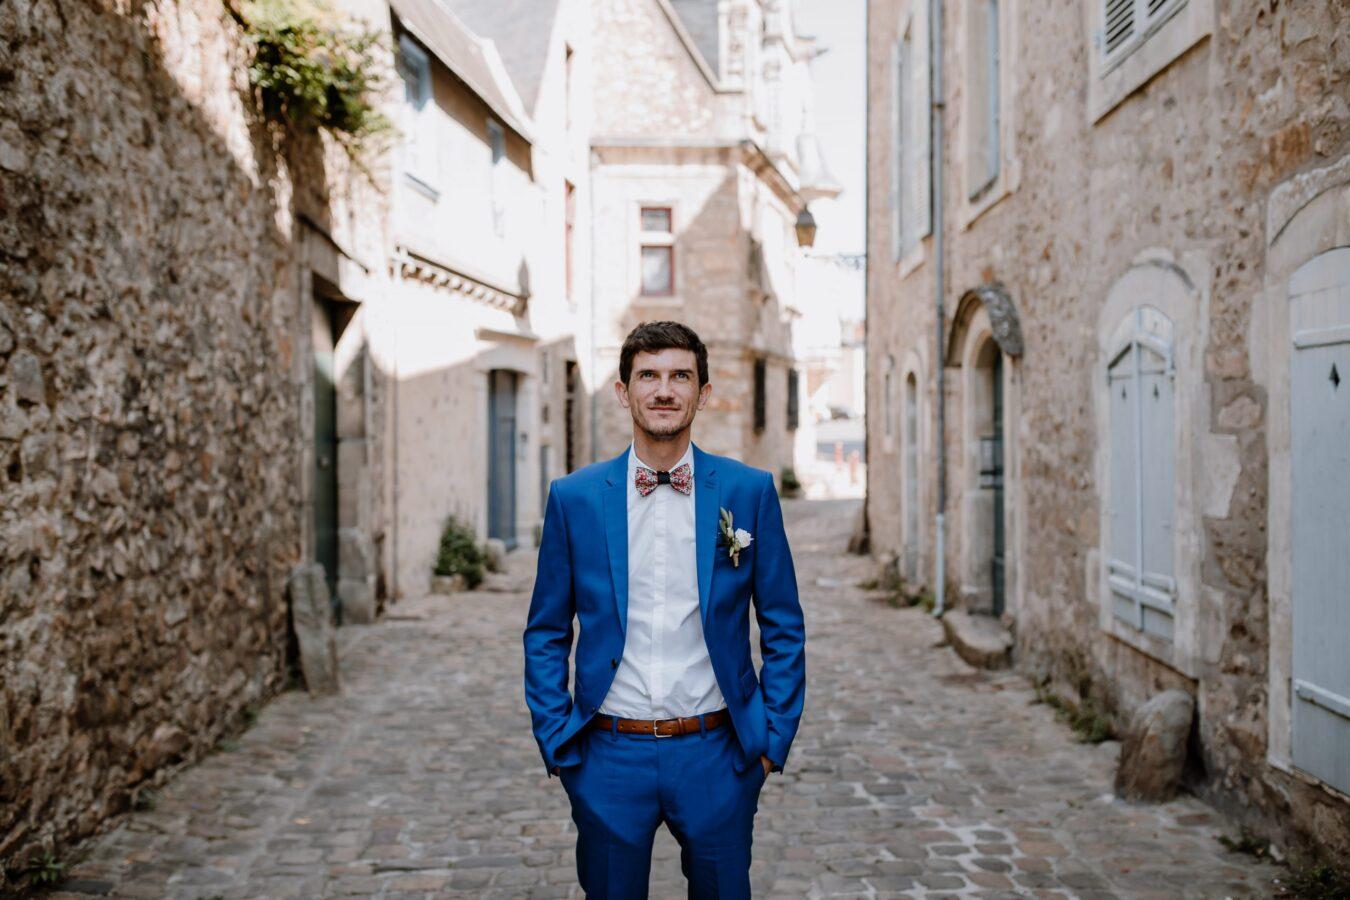 photographe-mariage-le-mans-civil-eglise-pas-cher-reportage-haras-potardiere-elise-ligneul